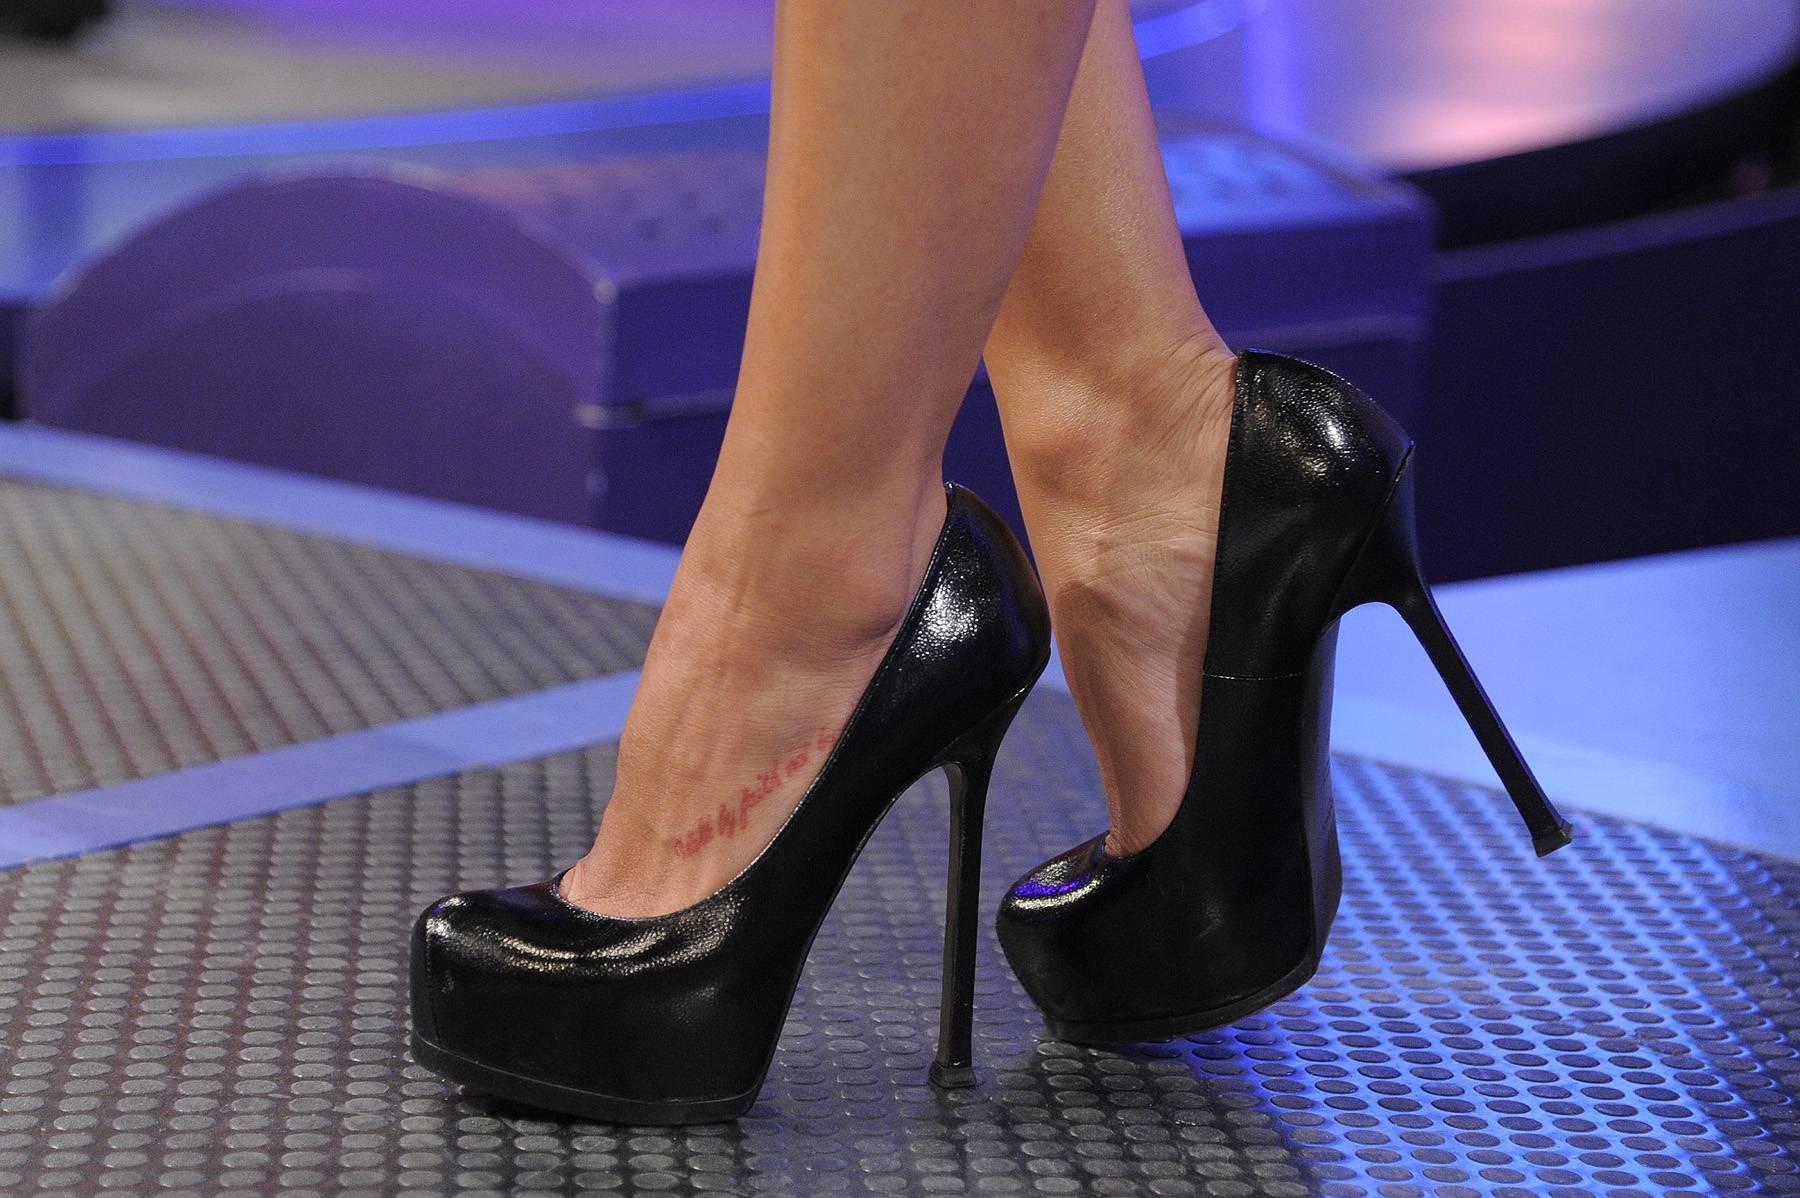 Nice Shoes - Rocsi Diaz at 106 & Park, April 5, 2012. (photo: John Ricard / BET)